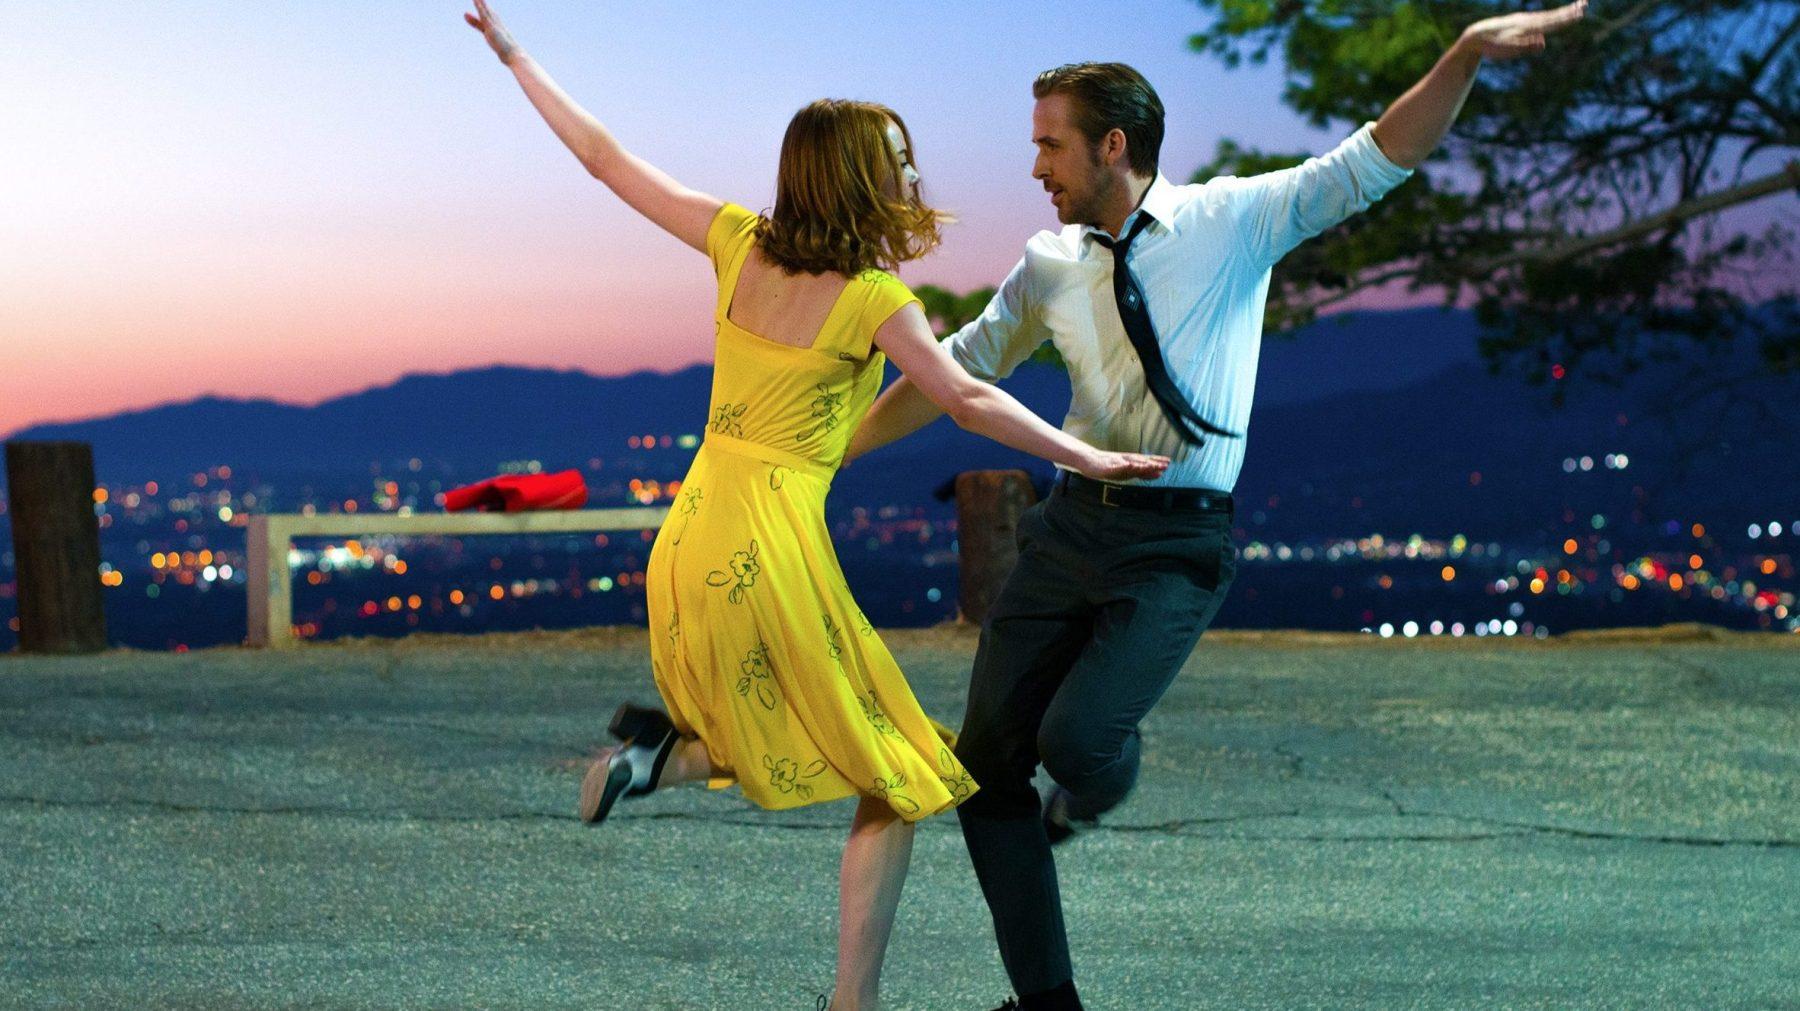 Mia (Emma Stone) and Sebastian (Ryan Gosling) in La La Land. (Dale Robinette)